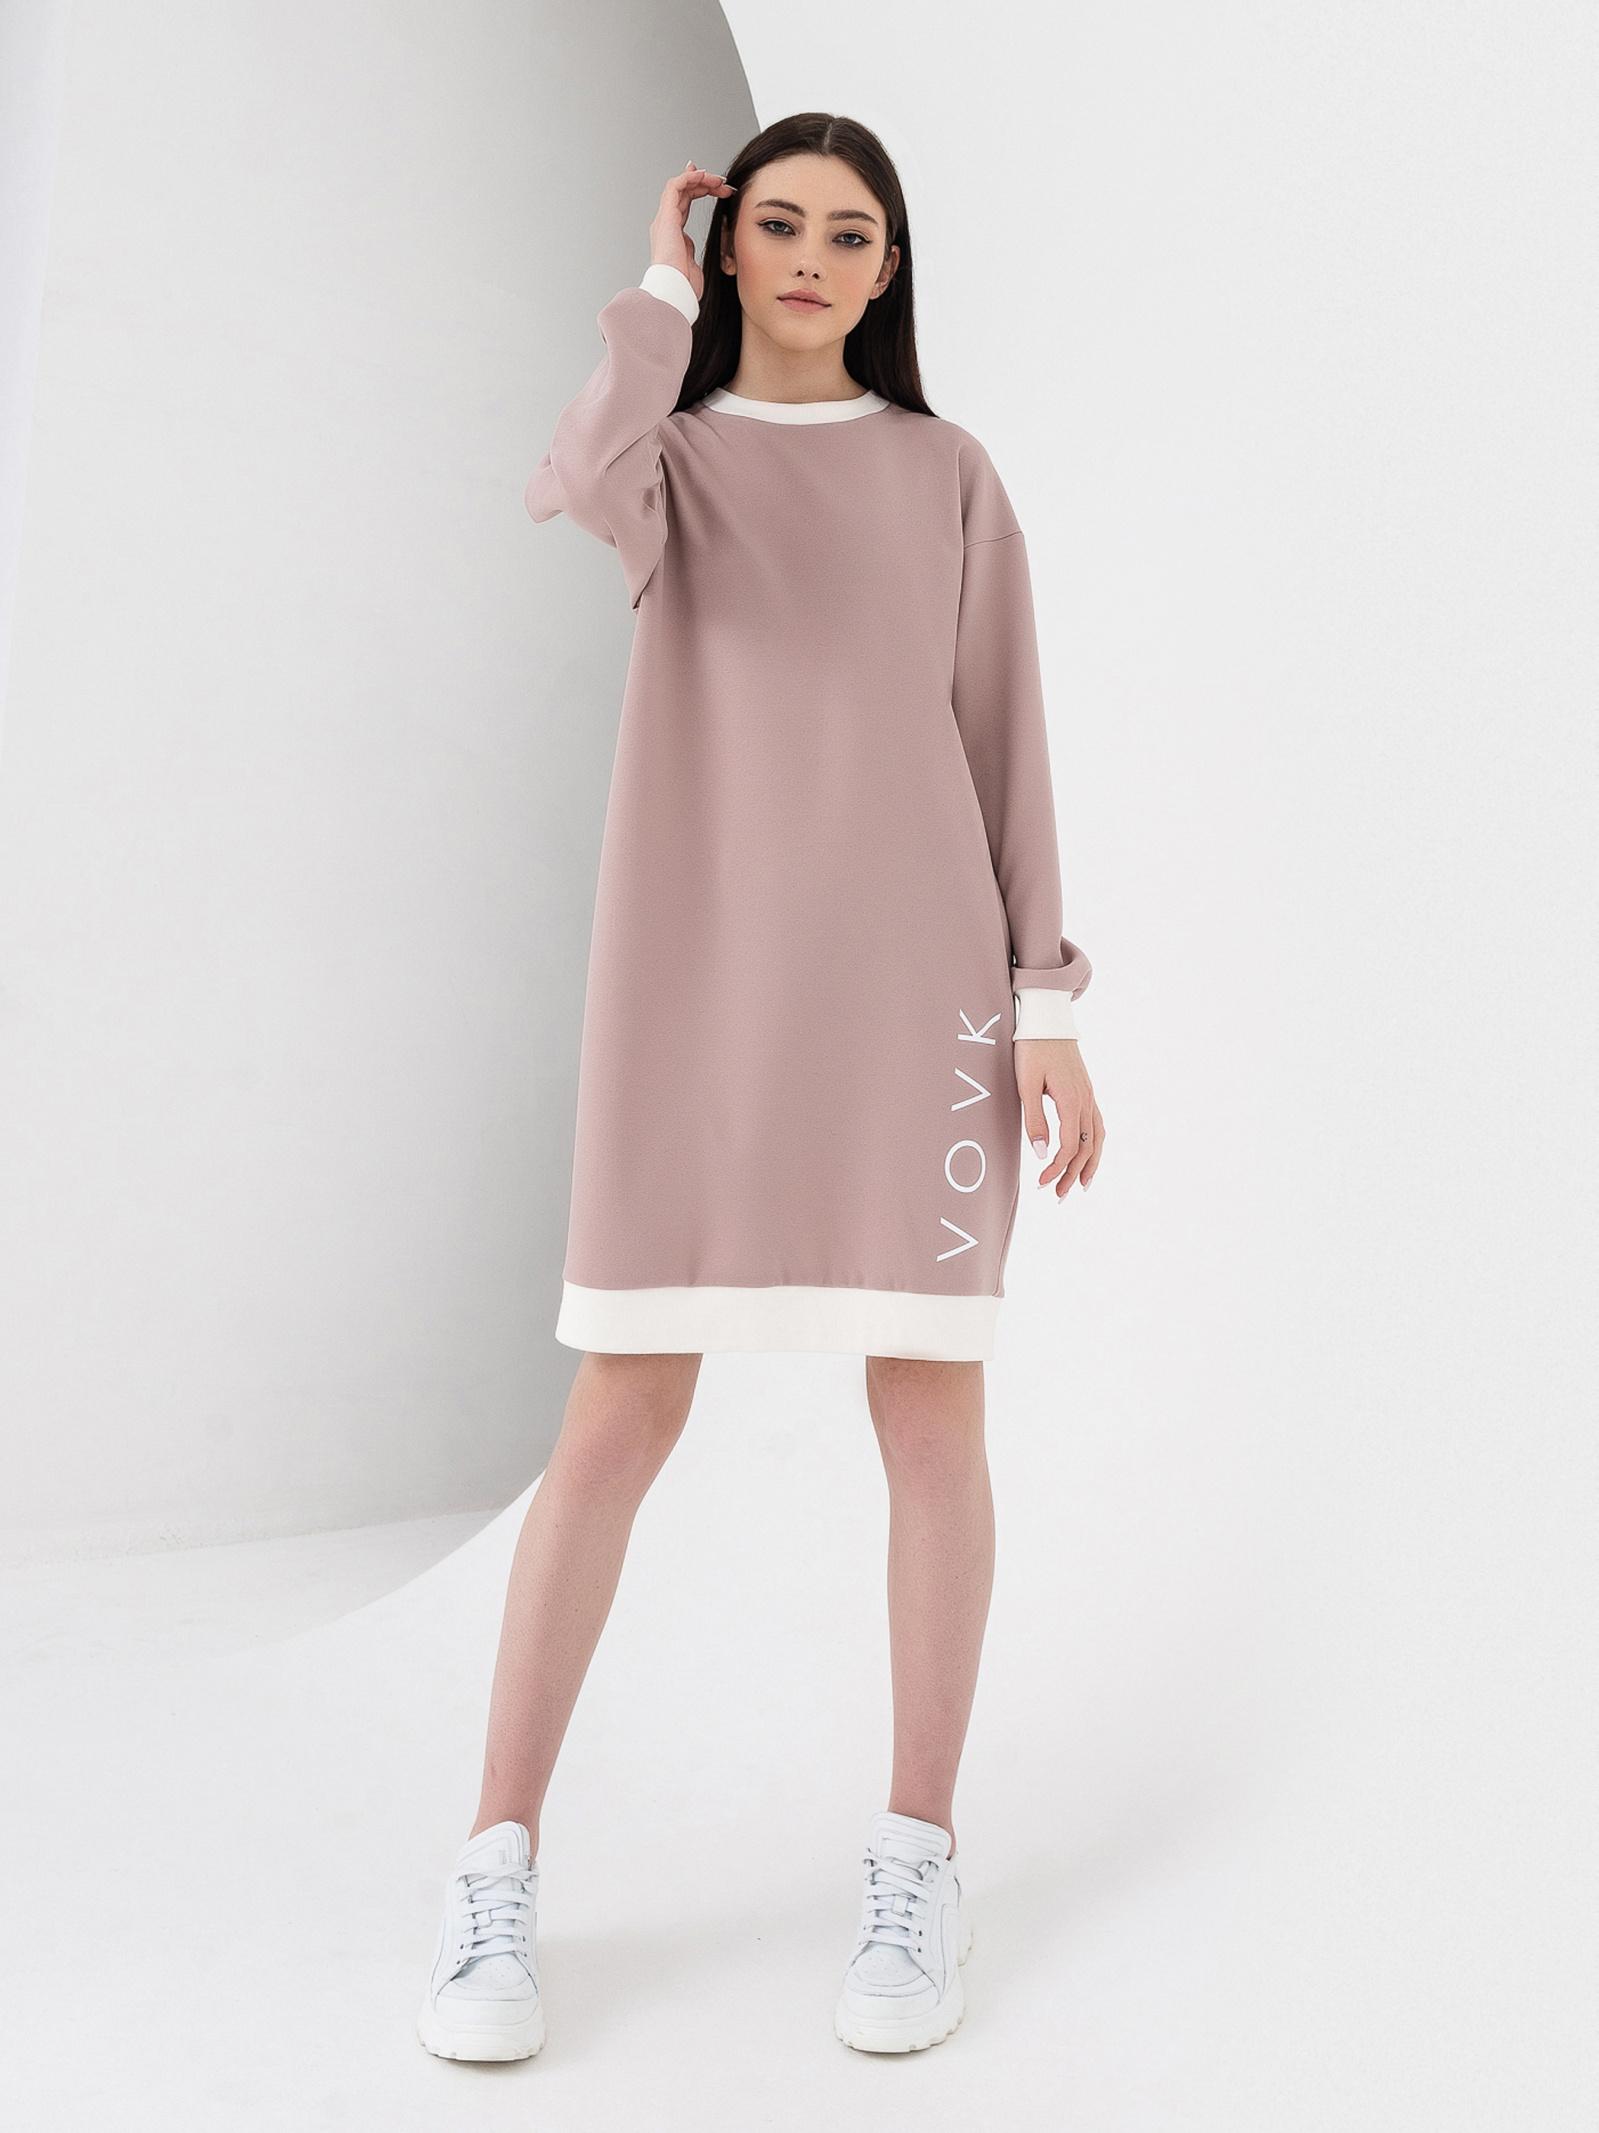 VOVK Сукня жіночі модель 06589 фрезовий купити, 2017